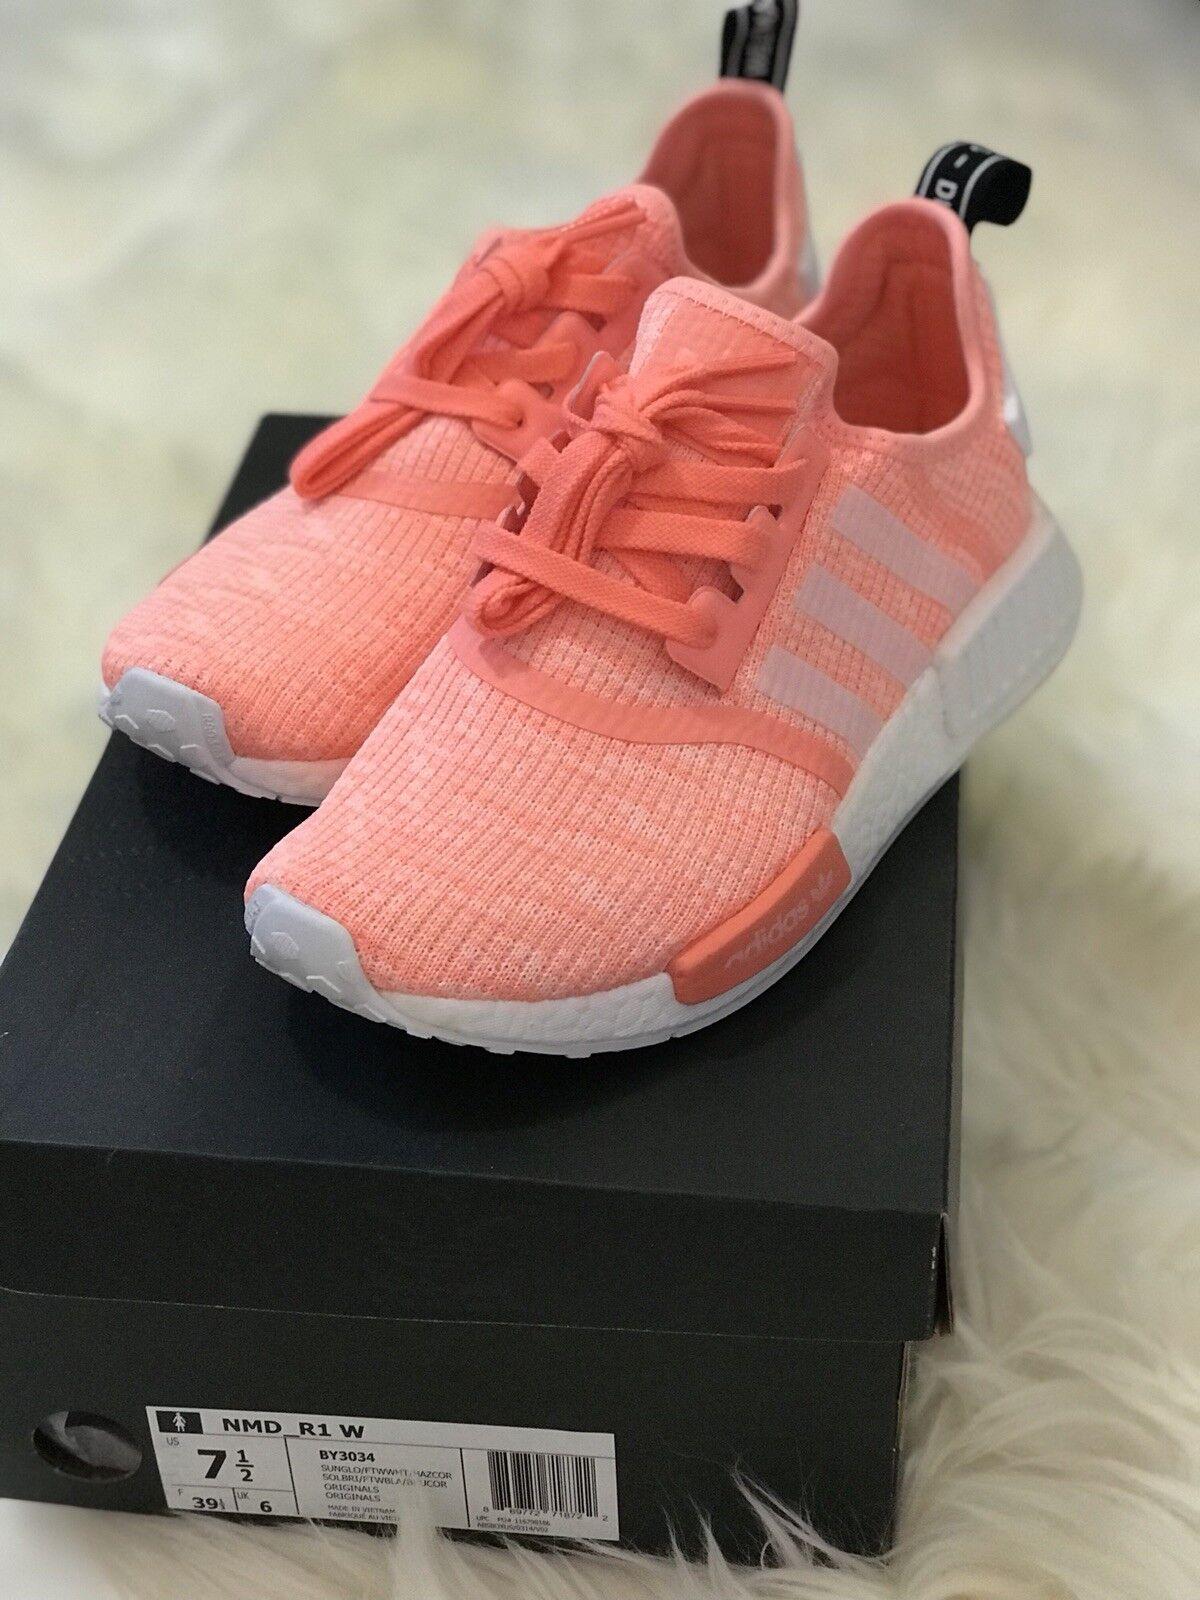 Adidas nmd r1 salmone w sole raggiante rosa salmone r1 sz 7,5 donna by3034 arancione d266df